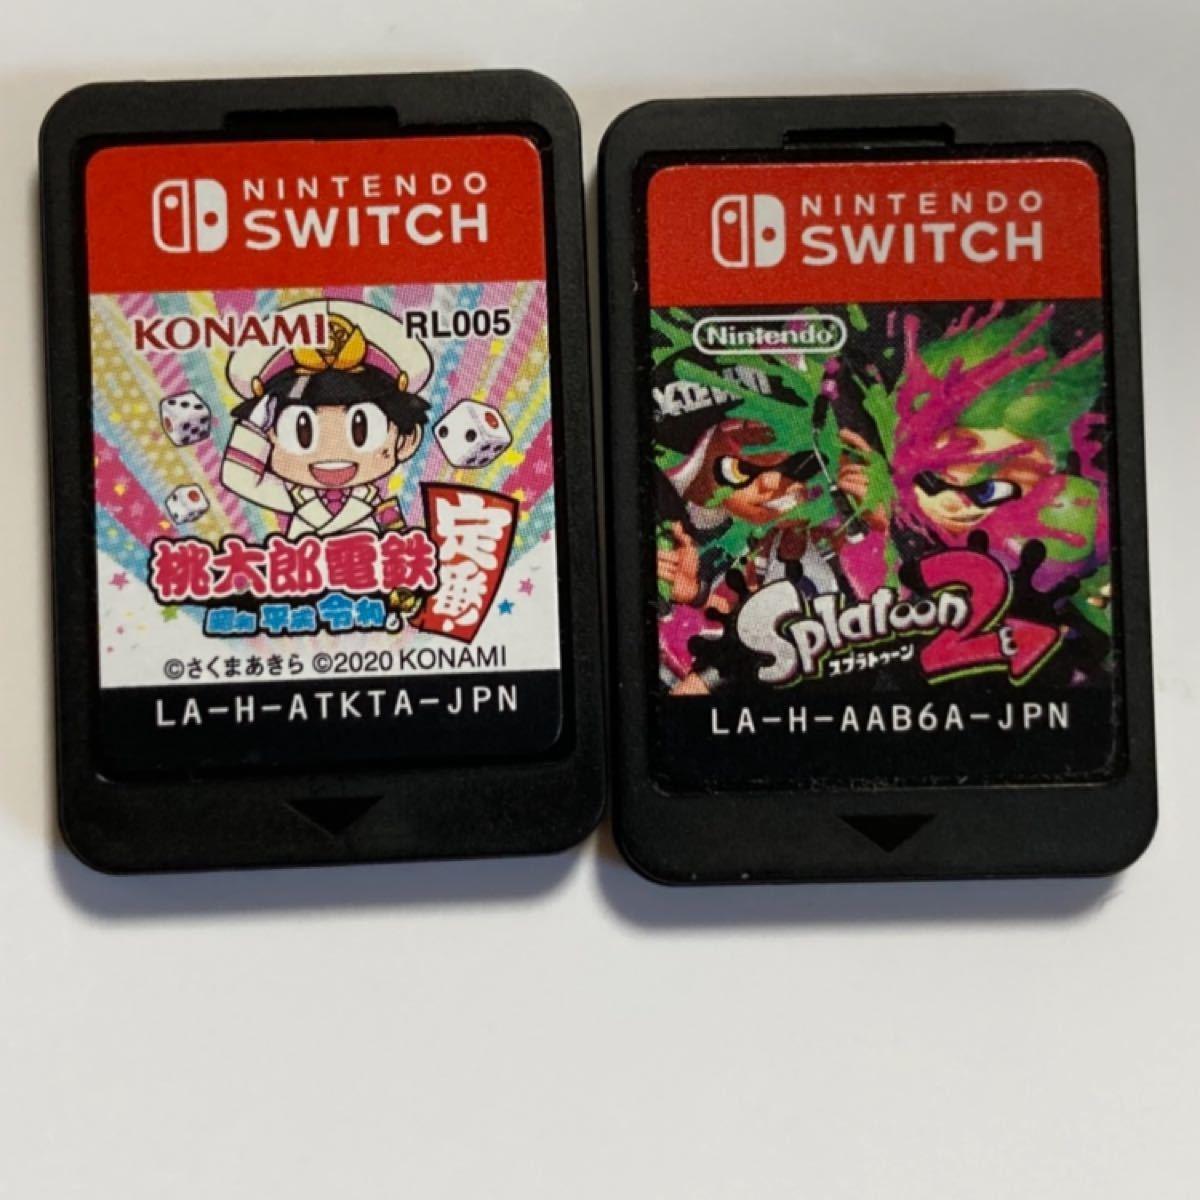 桃太郎電鉄 Switch 桃鉄 スプラトゥーン2 ソフト ニンテンドースイッチ 任天堂スイッチ